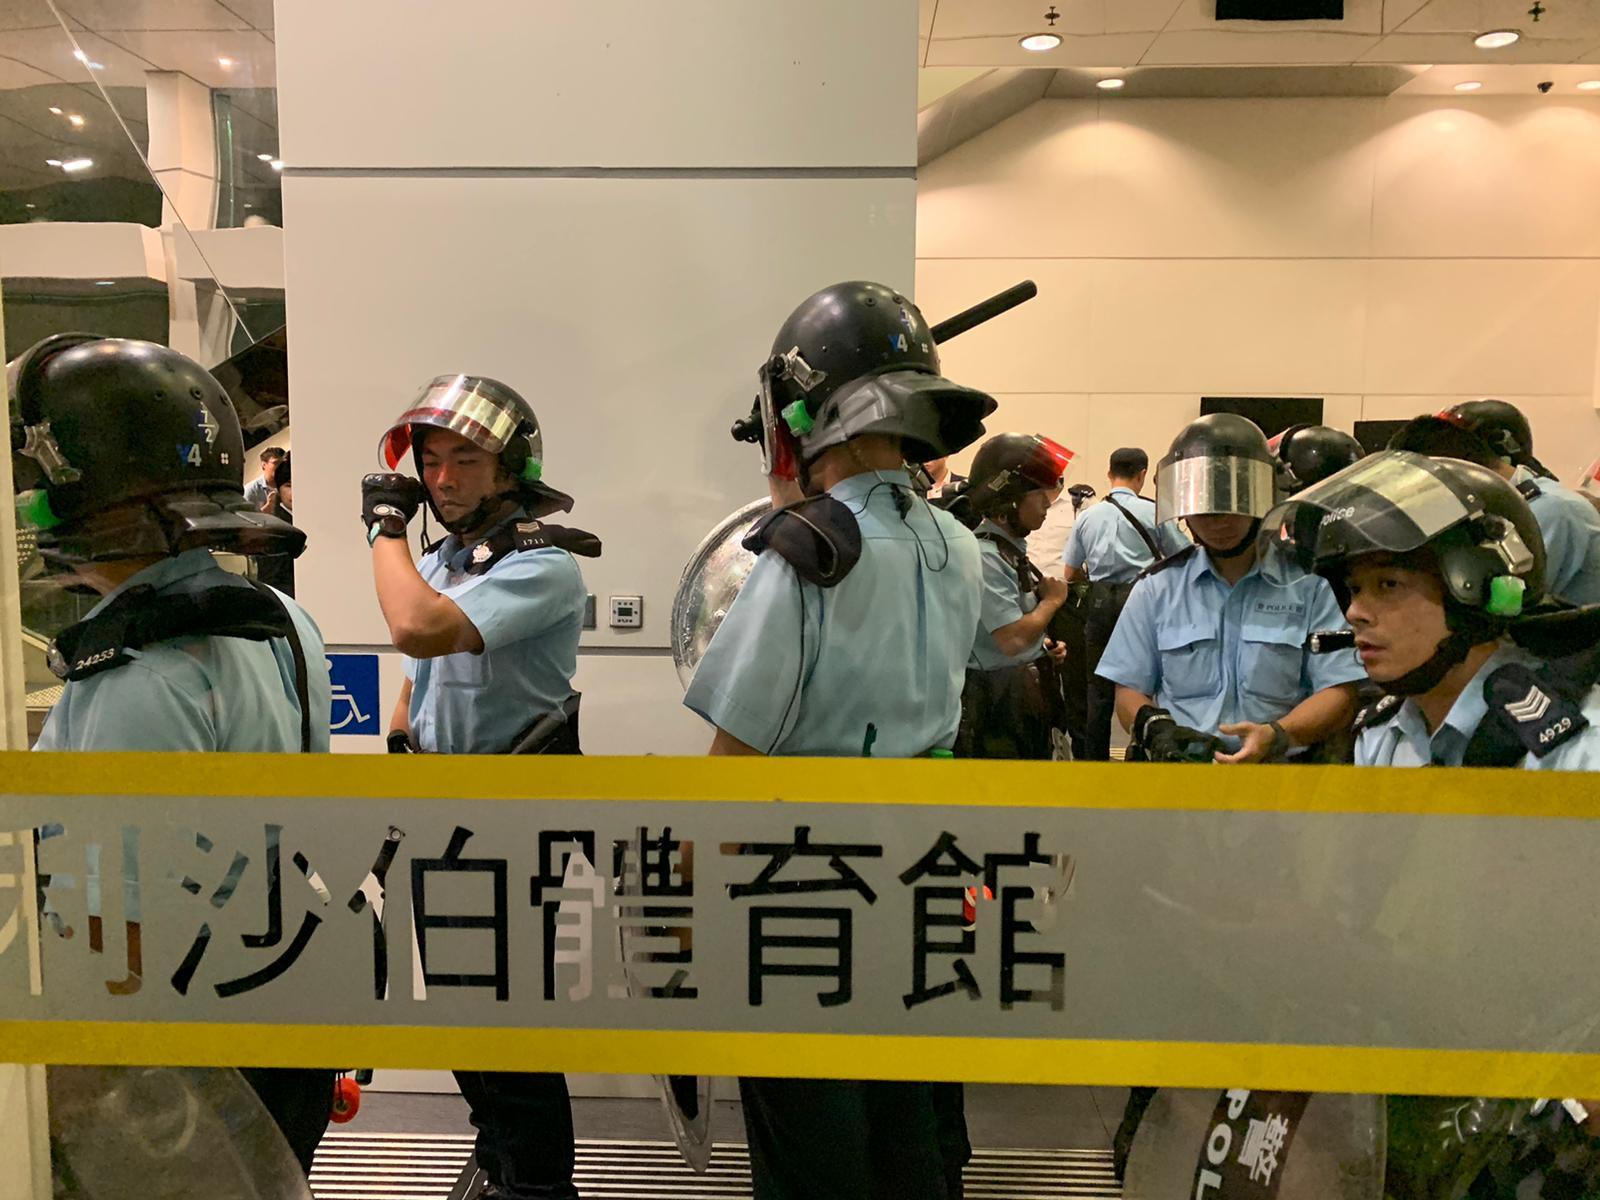 【对话会】警方警告湾仔伊馆一带示威者停止违法行为